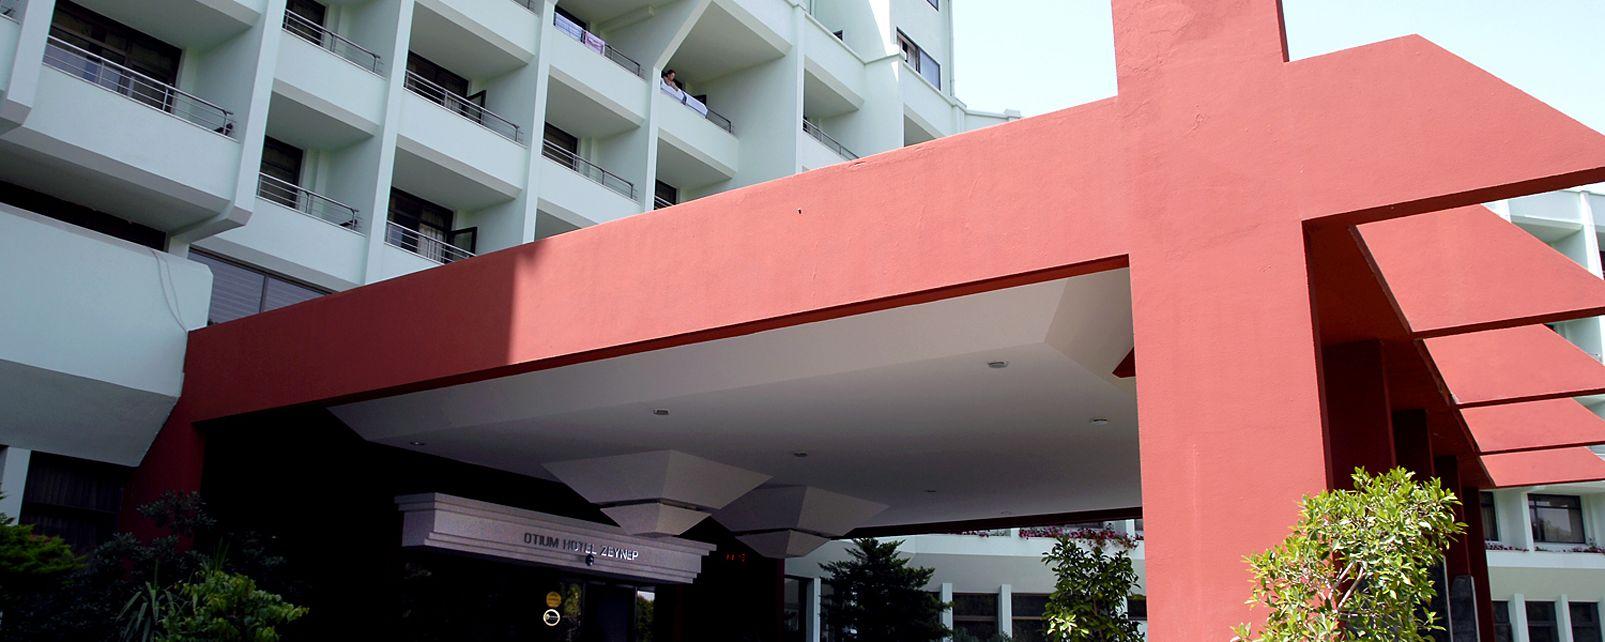 Hotel Otium Zeynep